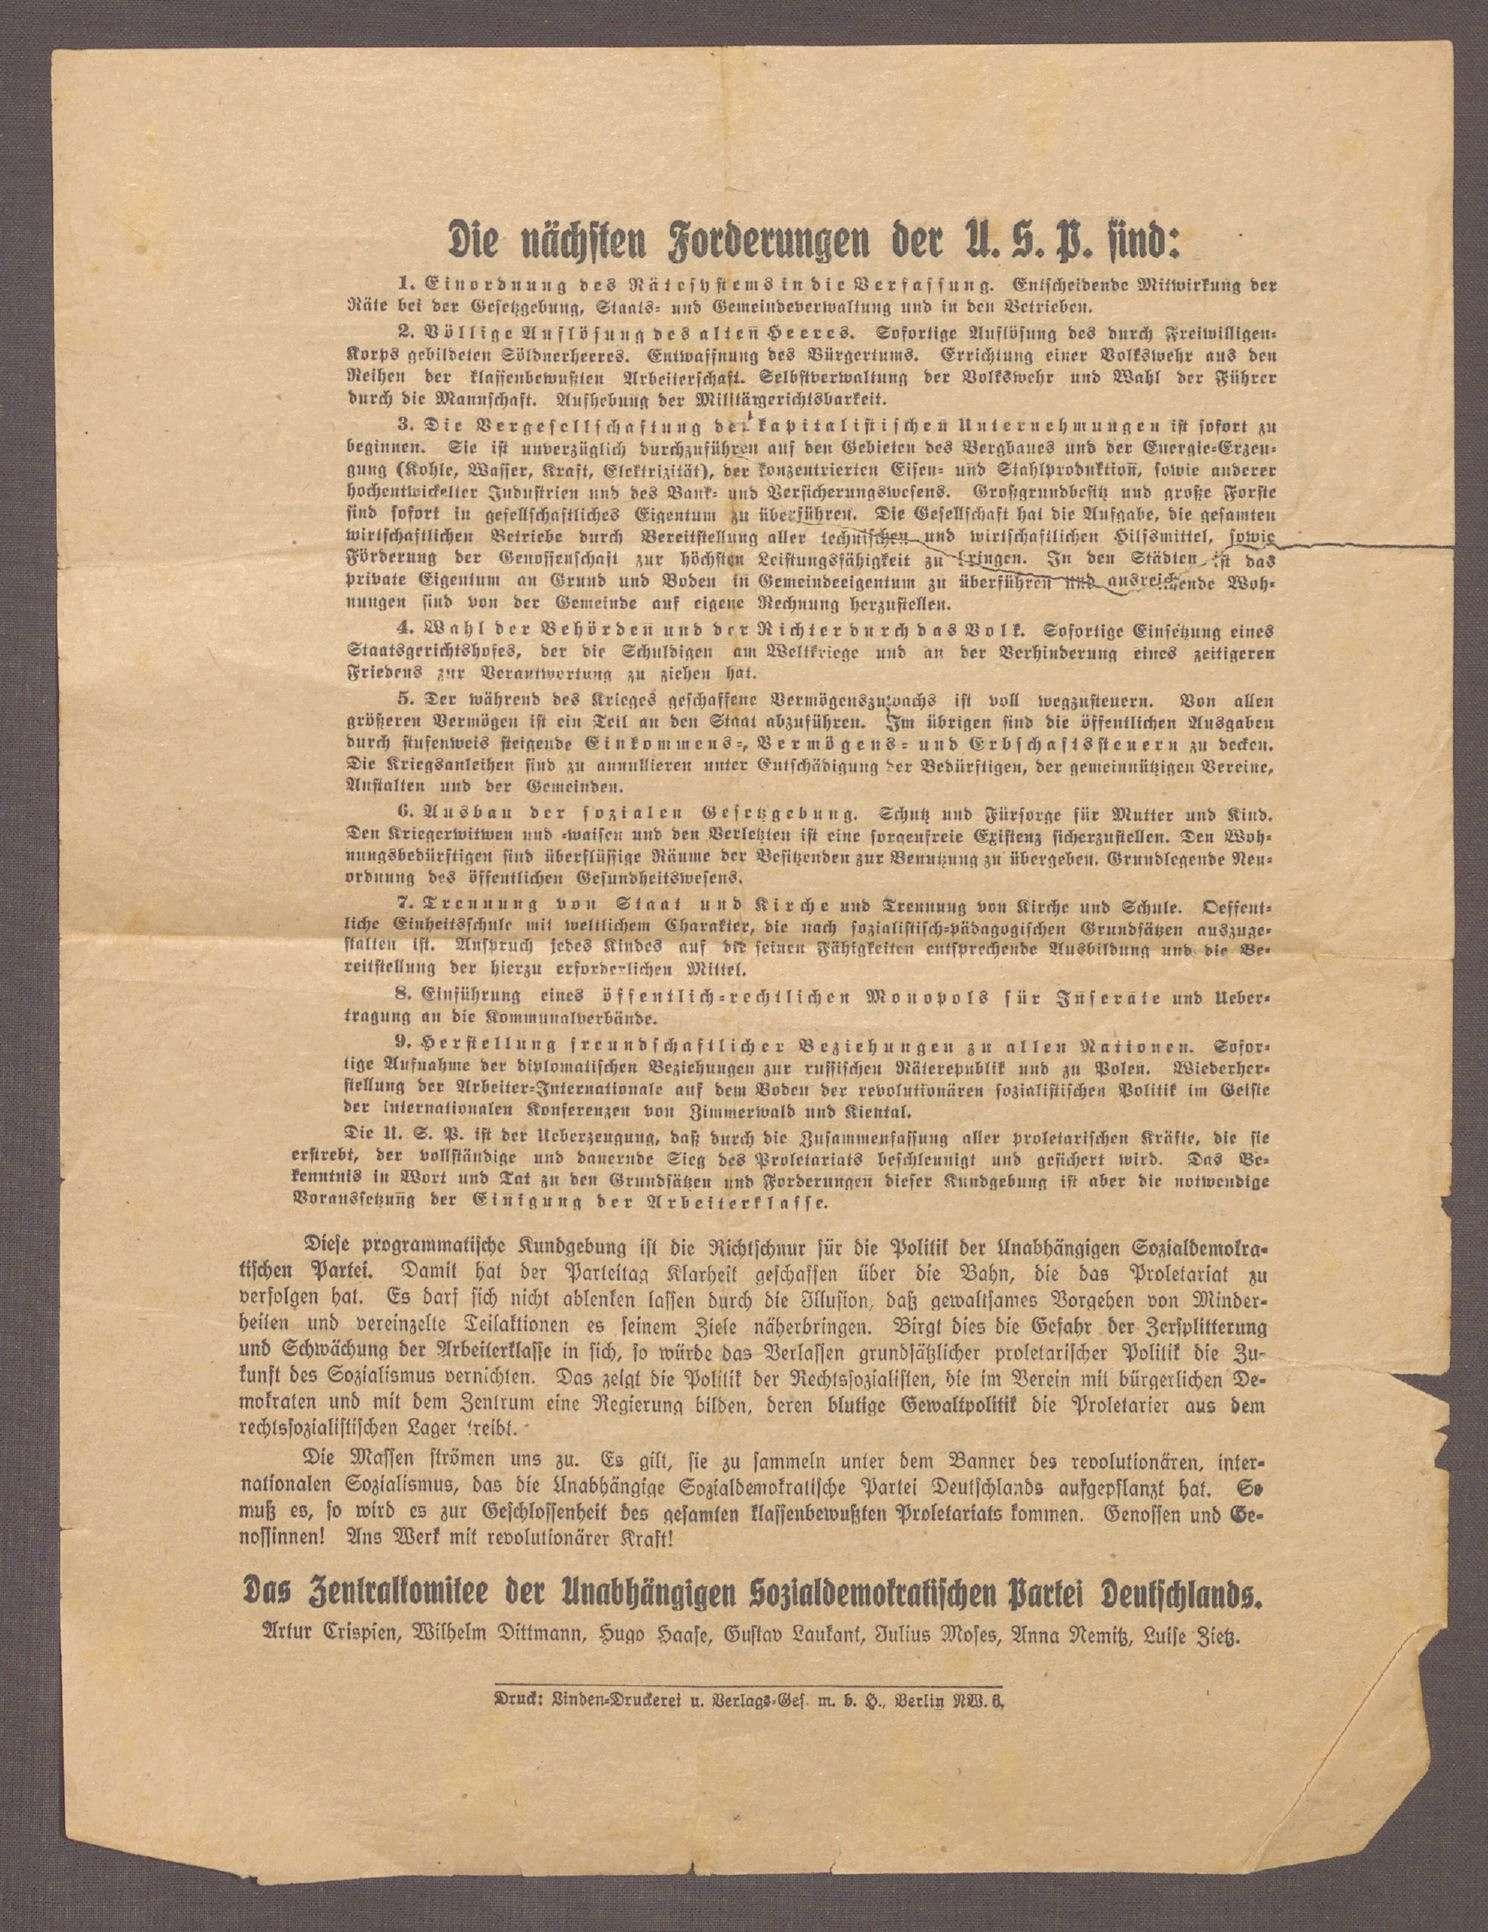 """""""Das Revolutions-Programm der Unabhängigen Sozialdemokratischen Partei Deutschlands"""", Bild 2"""